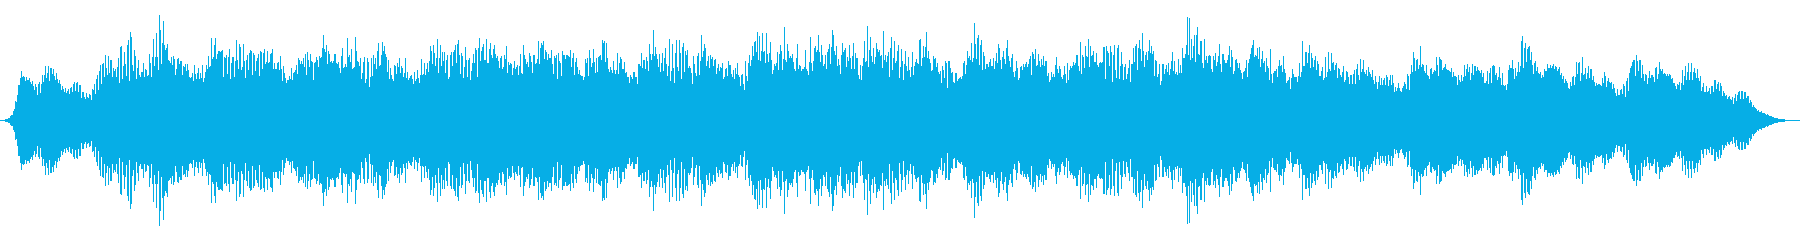 ドローン ダークマイナーストリングス01の再生済みの波形